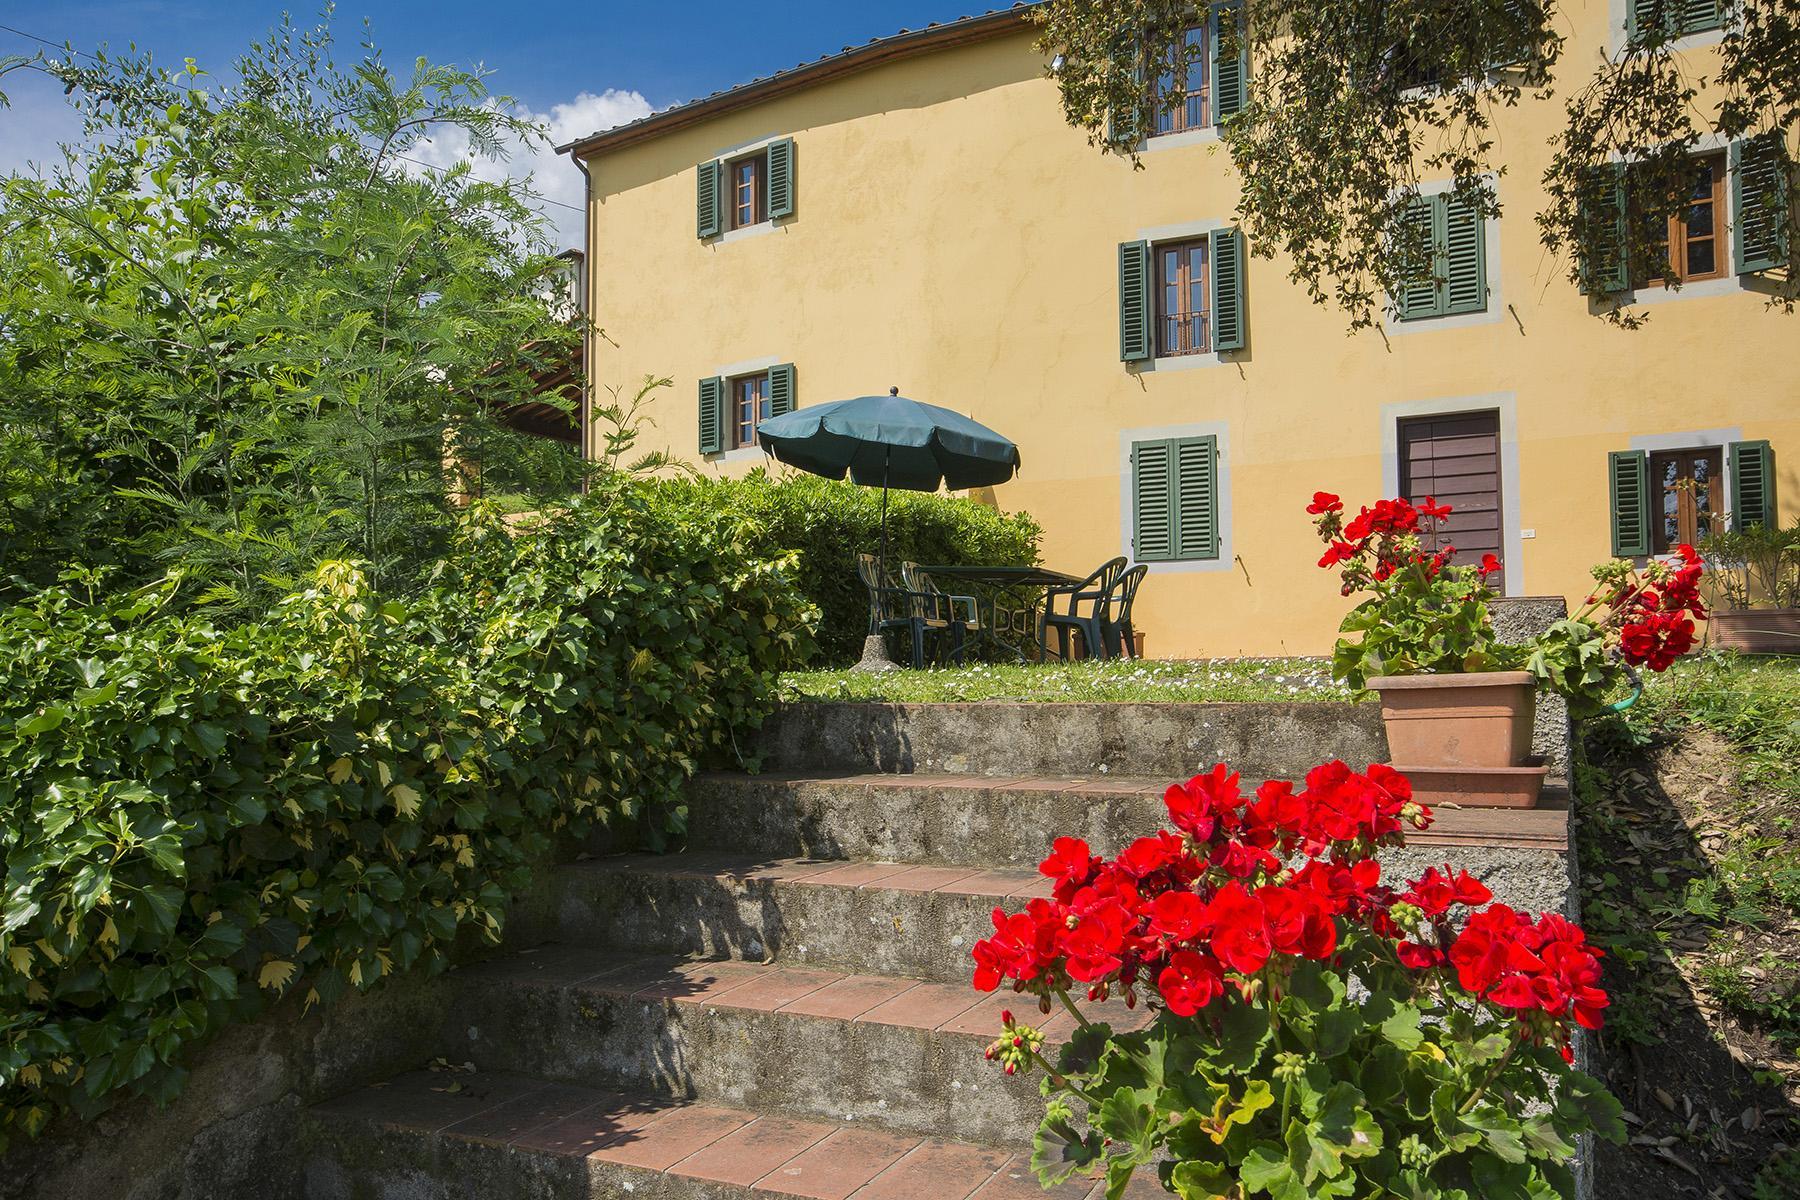 Belle maison de campagne dans les collines de Pescia - 49